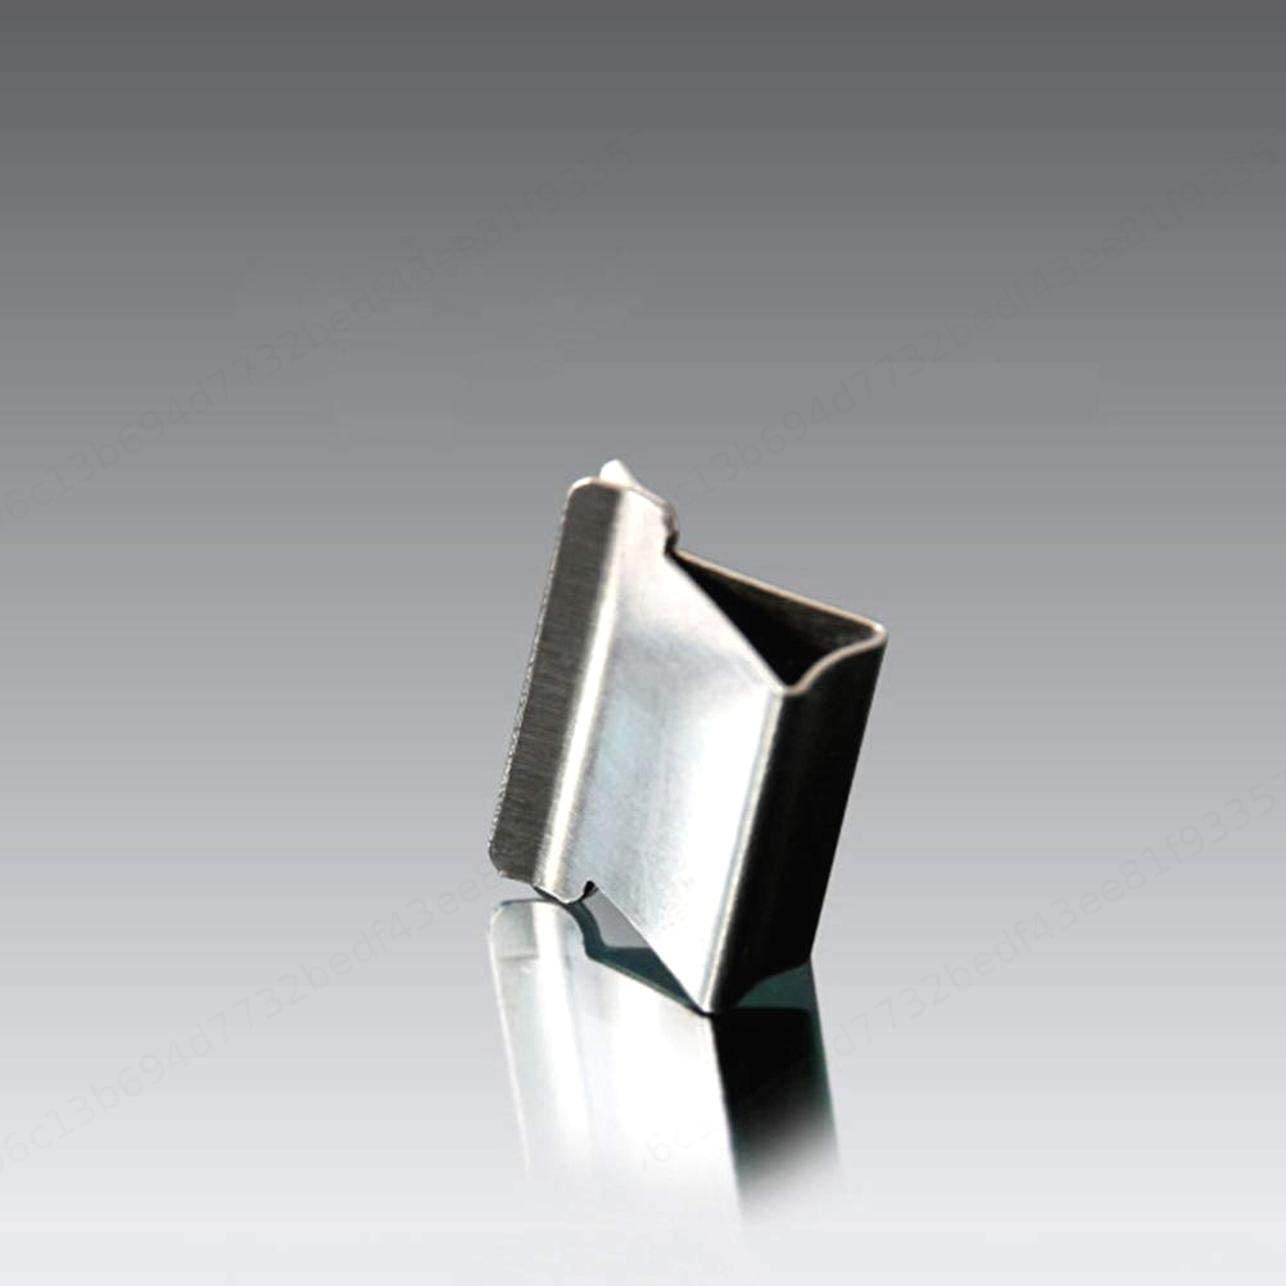 DeoMeat Metal Paper librari della Clip del Dispositivo Accessori 50pcs Argento